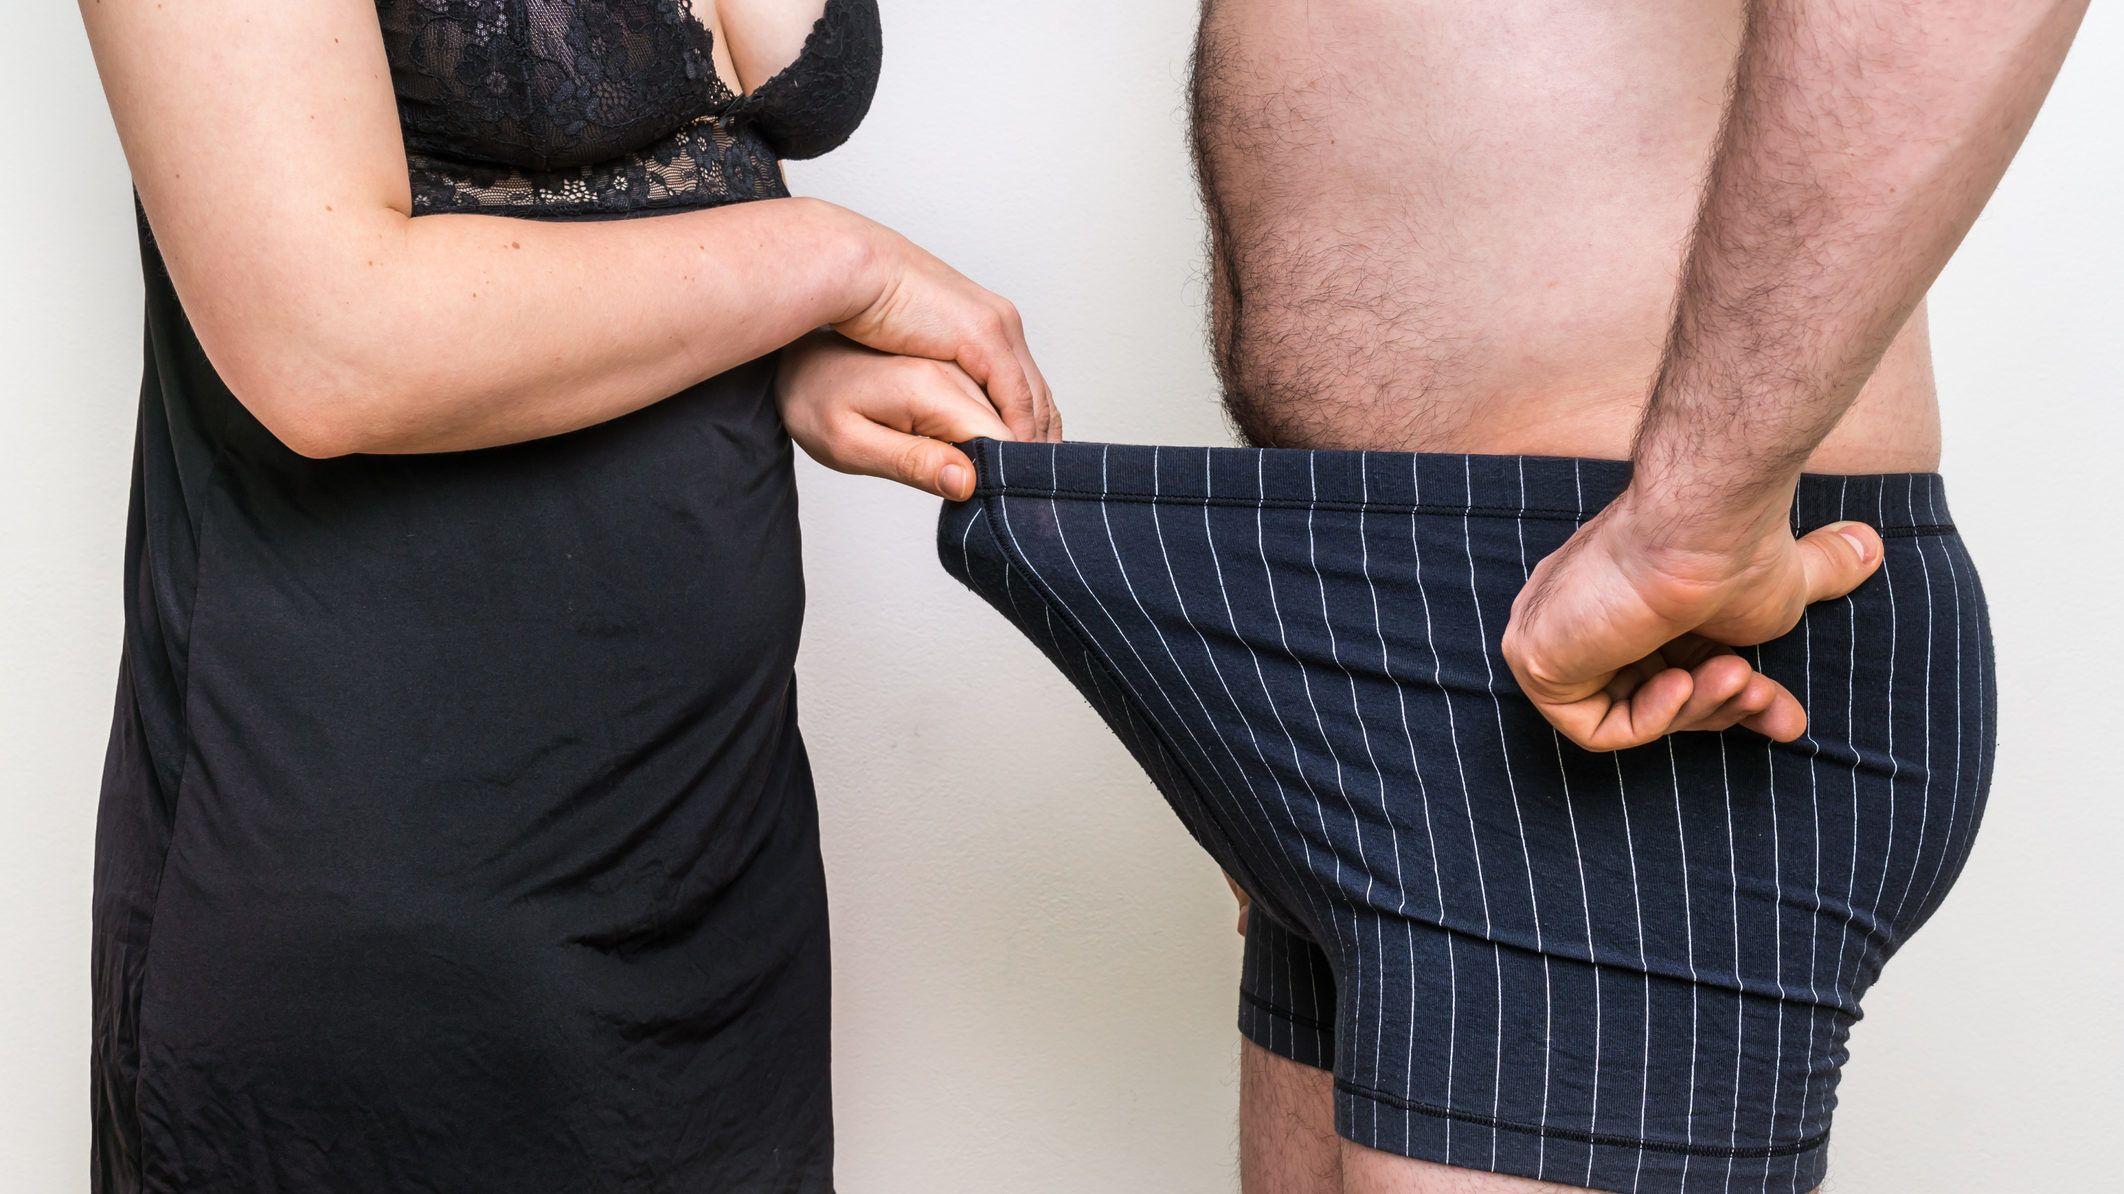 hogyan lehet növelni a pénisz vastagságát a